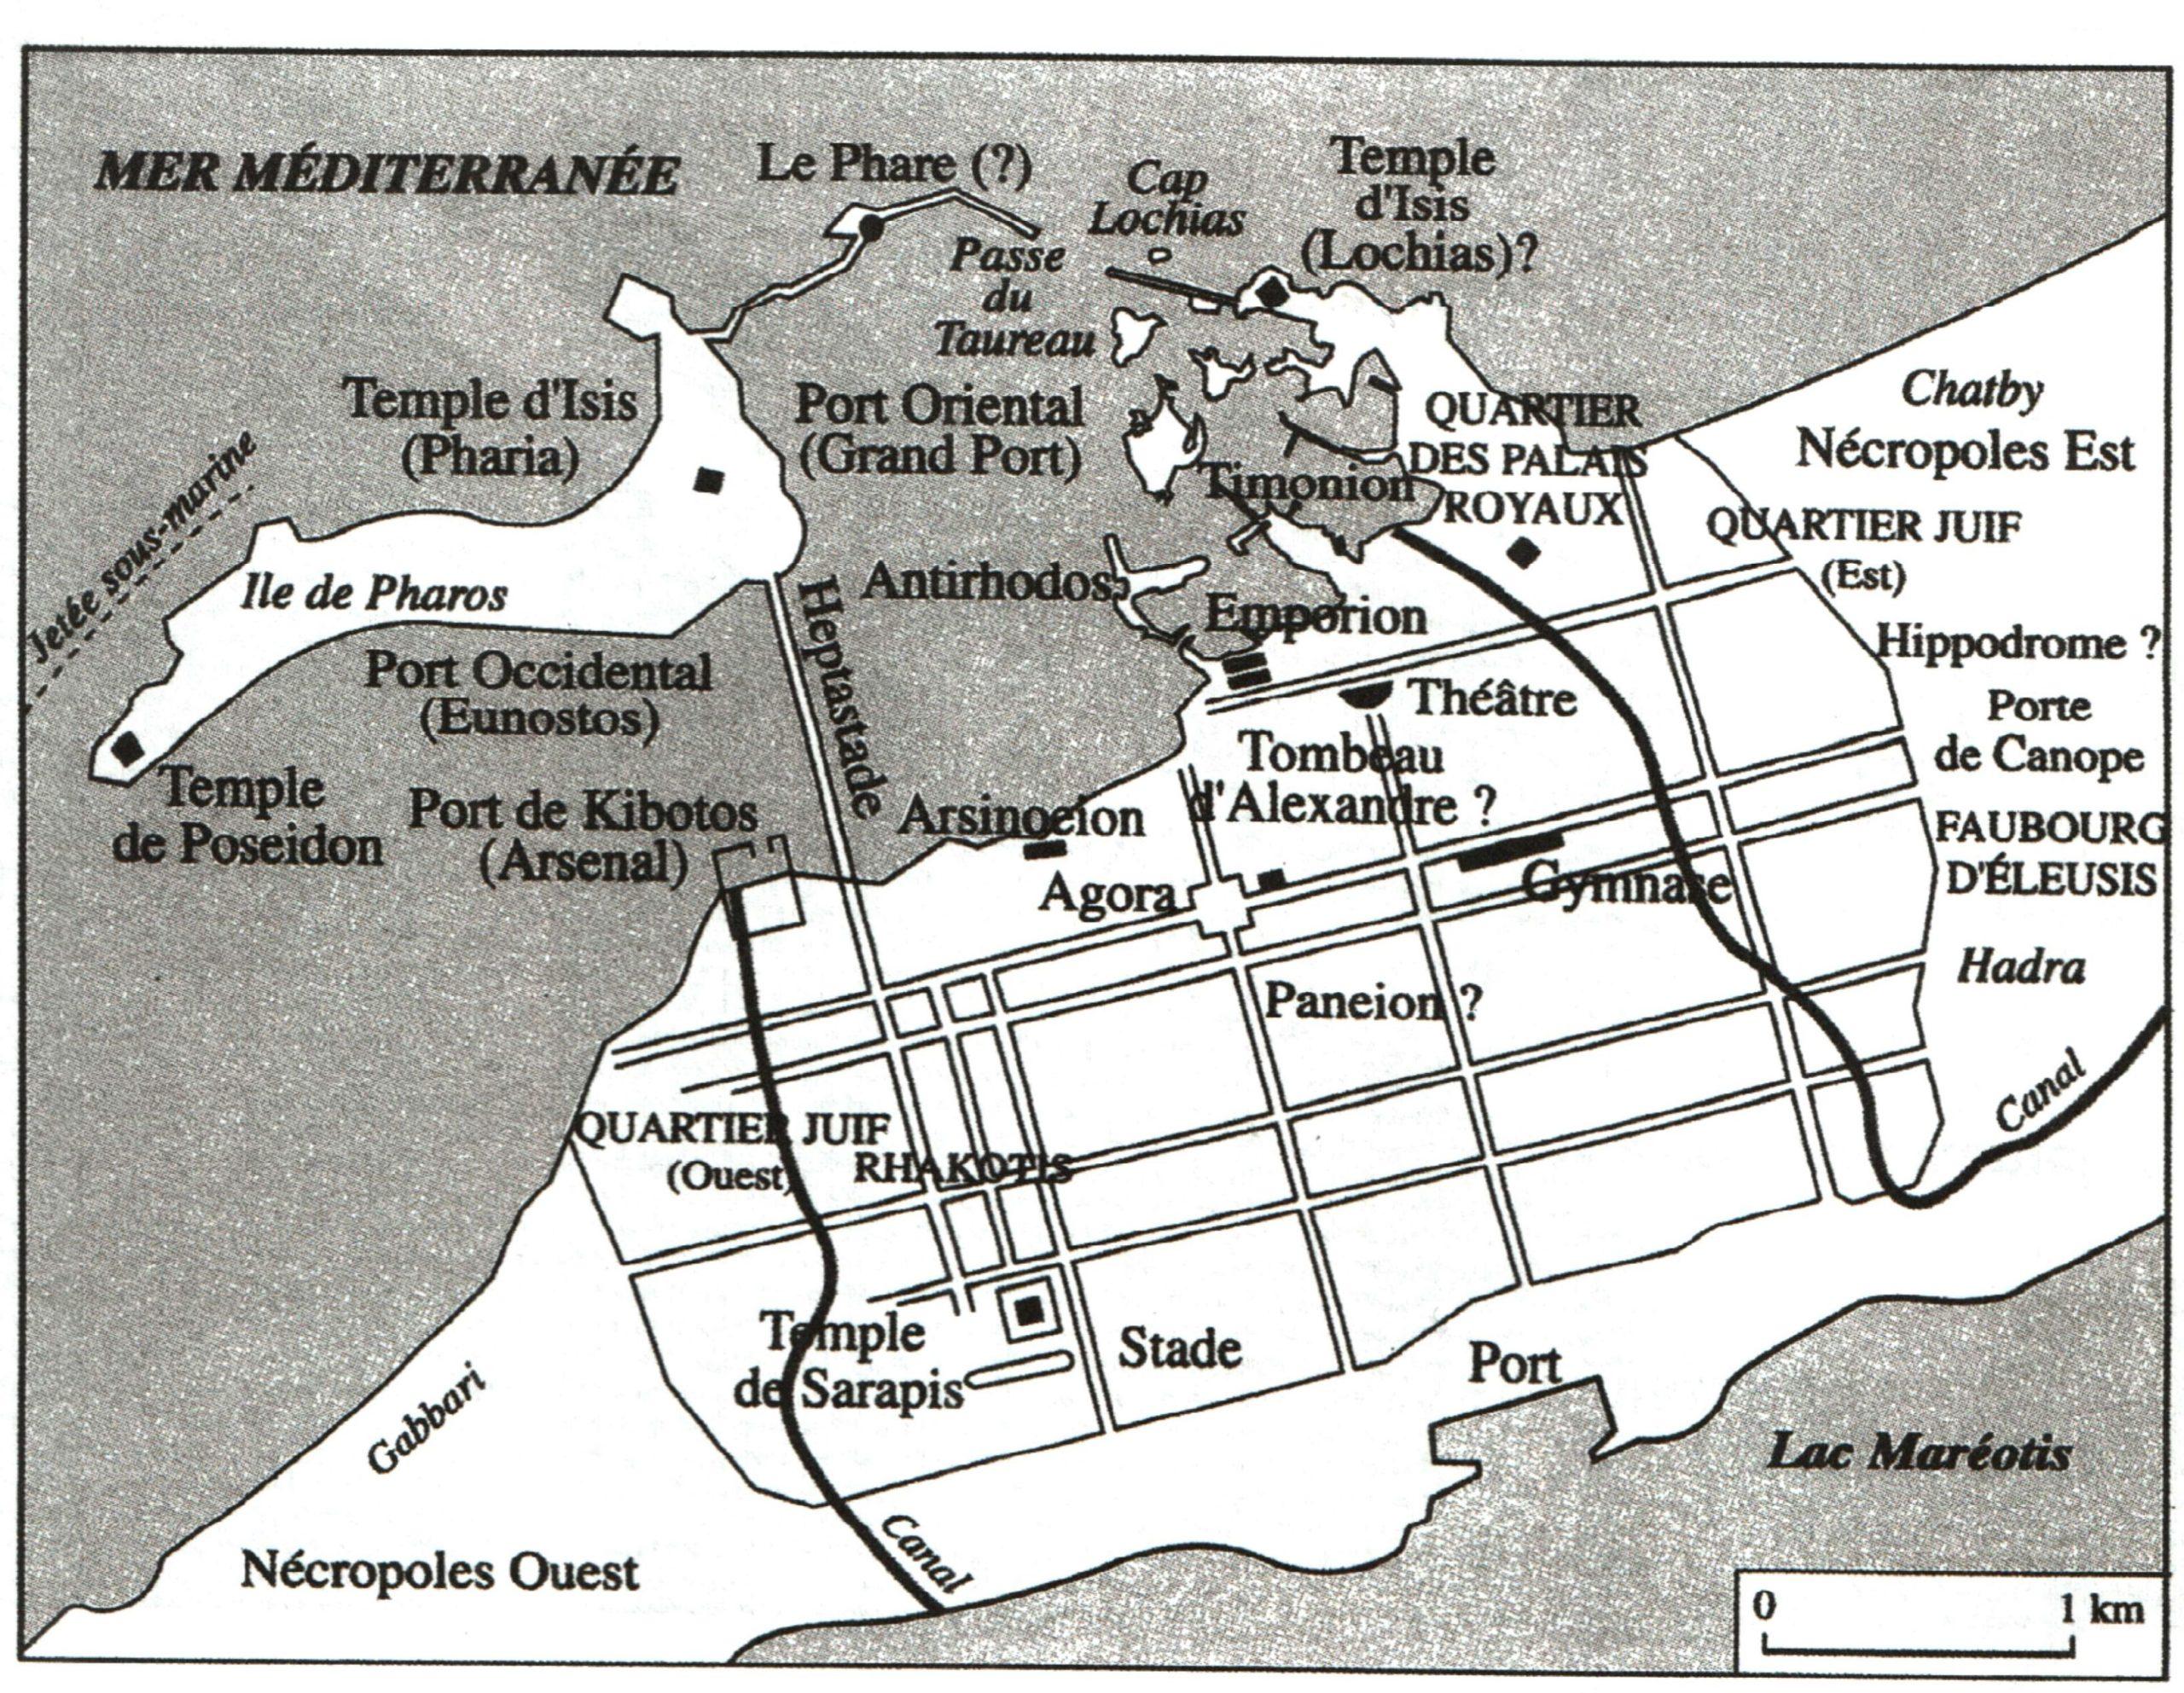 Un plan d'Alexandrie à l'époque des Ptolémées Source : B. LEGRAS, L'Egypte grecque et romaine, Paris, Armand Colin, 2004).